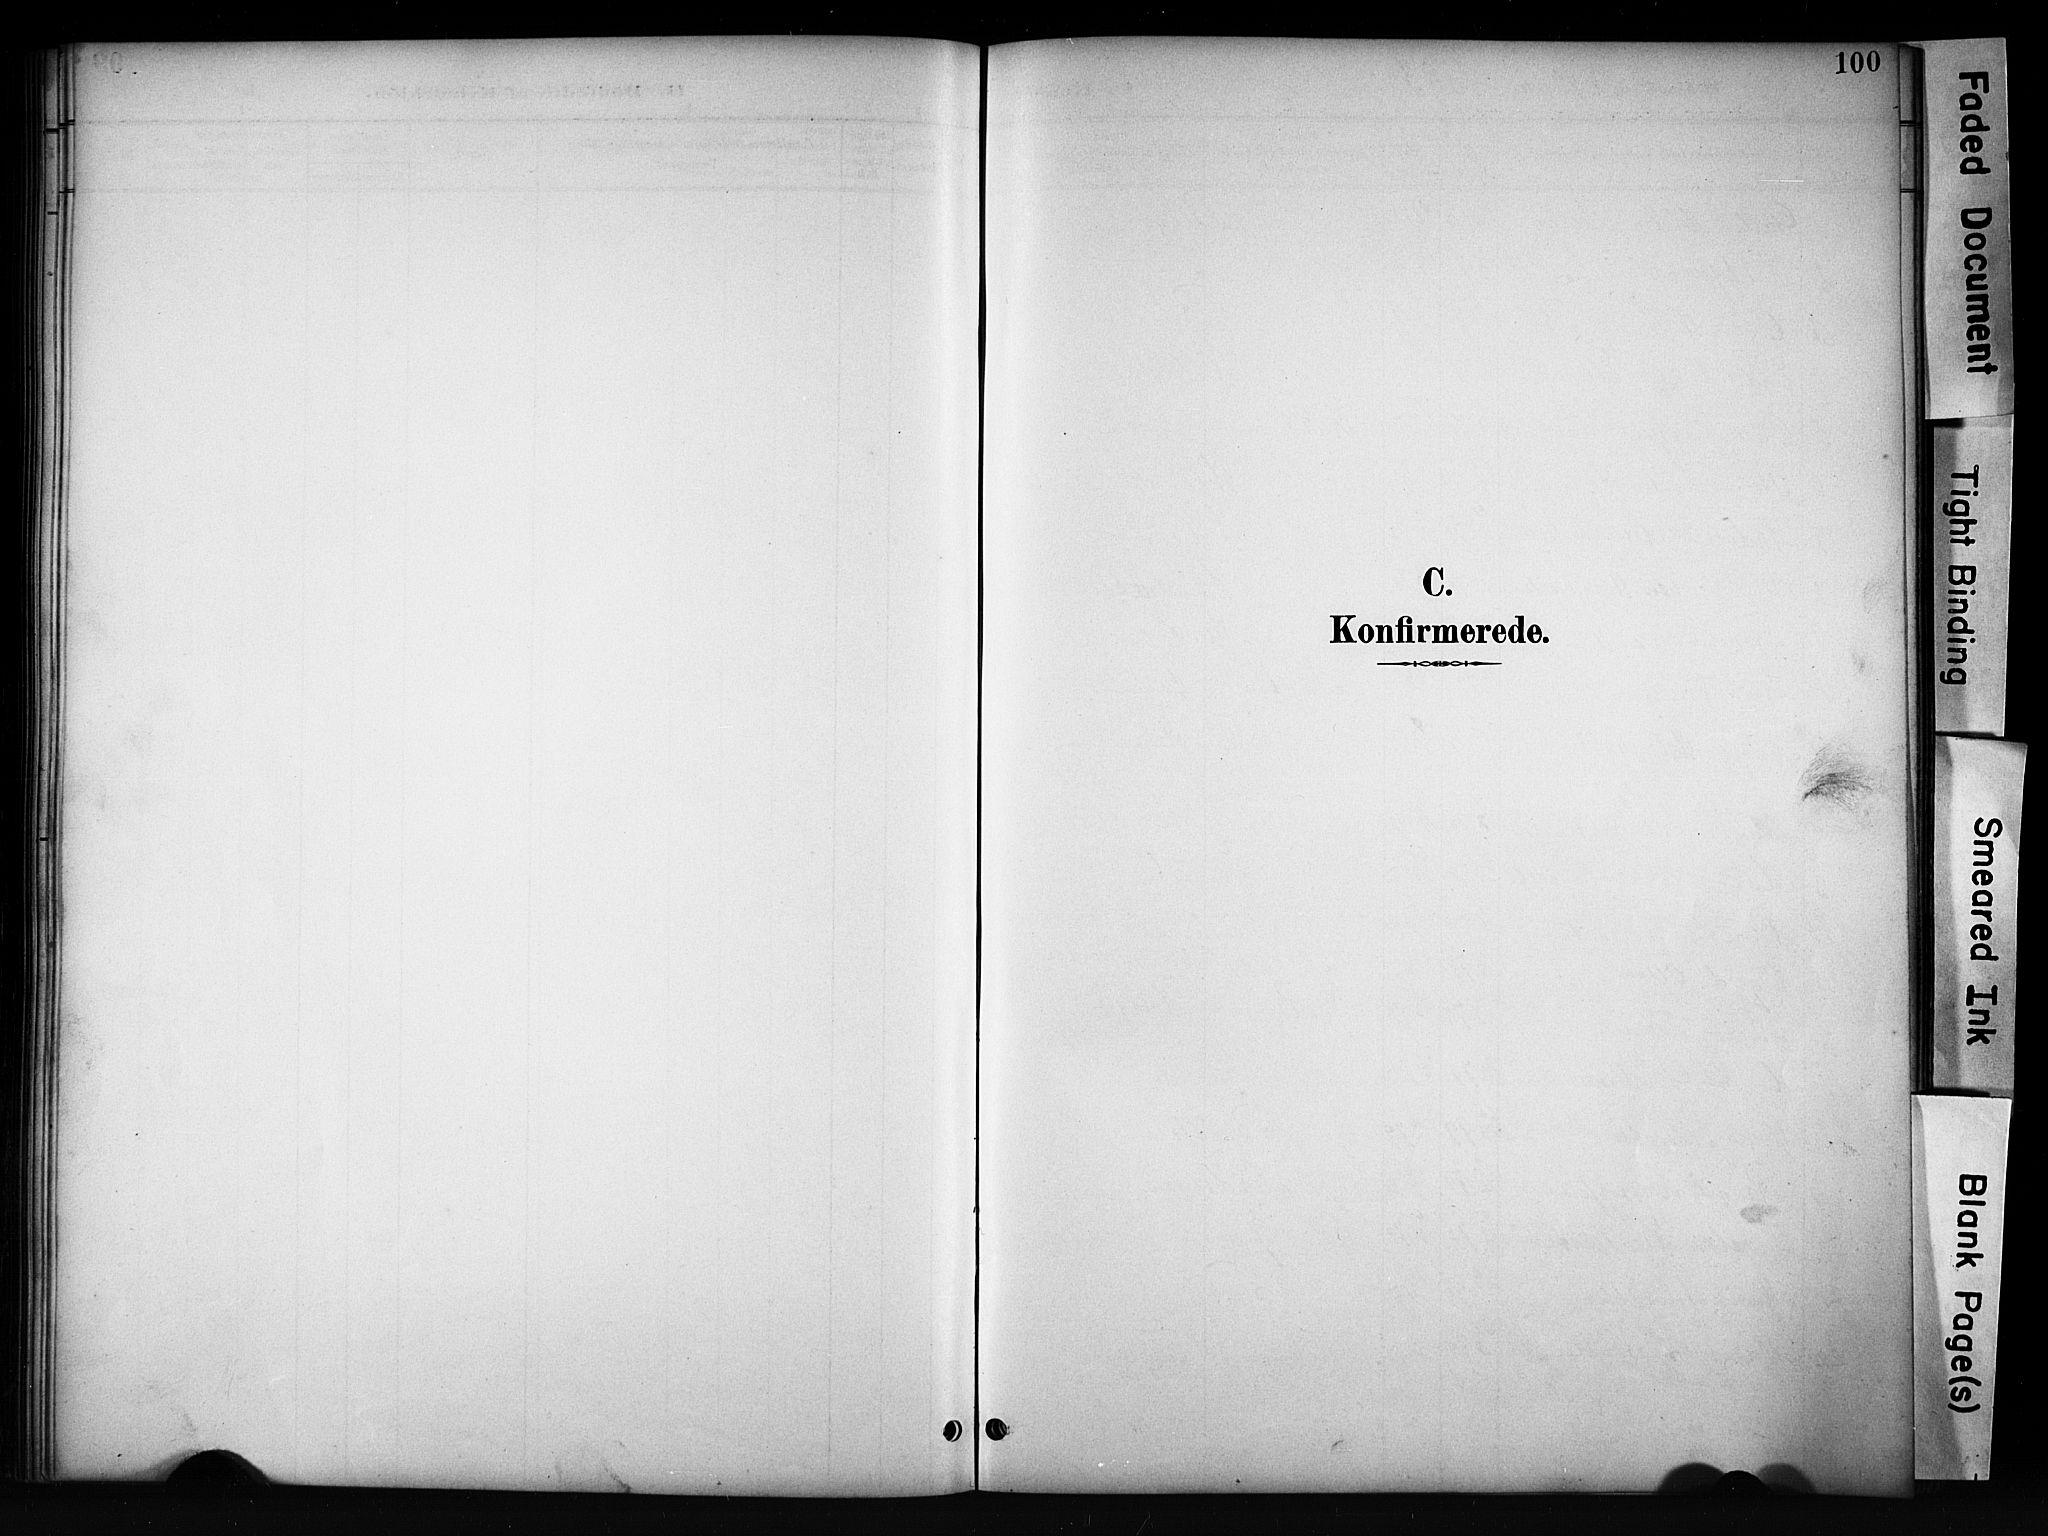 SAH, Vang prestekontor, Valdres, Klokkerbok nr. 6, 1893-1918, s. 100